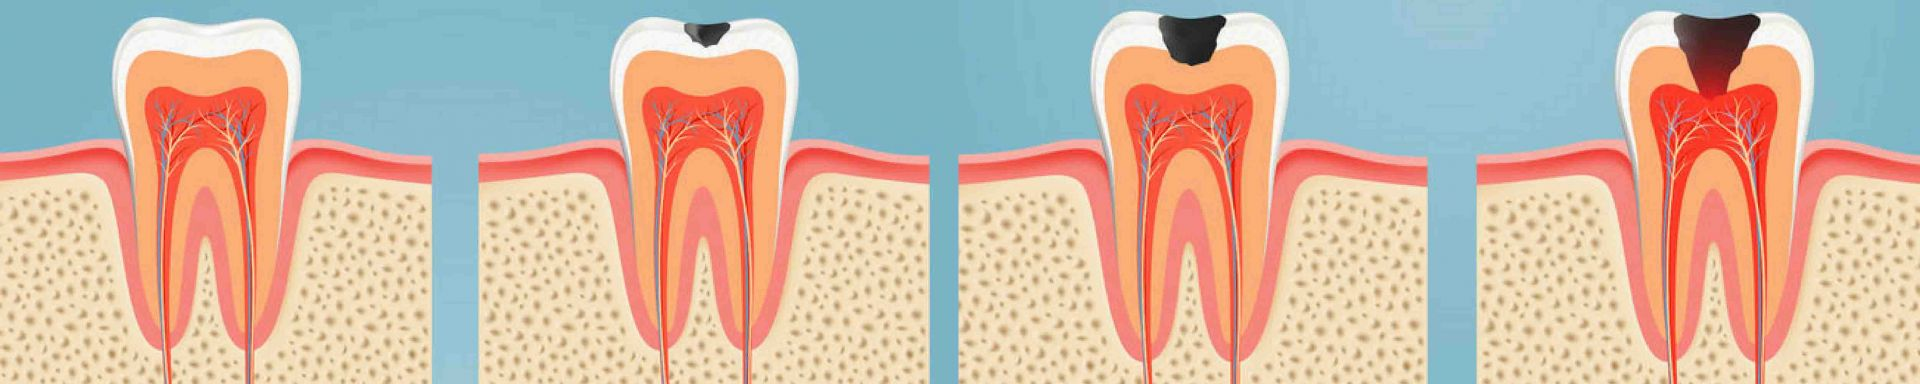 carie - Carie dentale prevenire con un sorriso